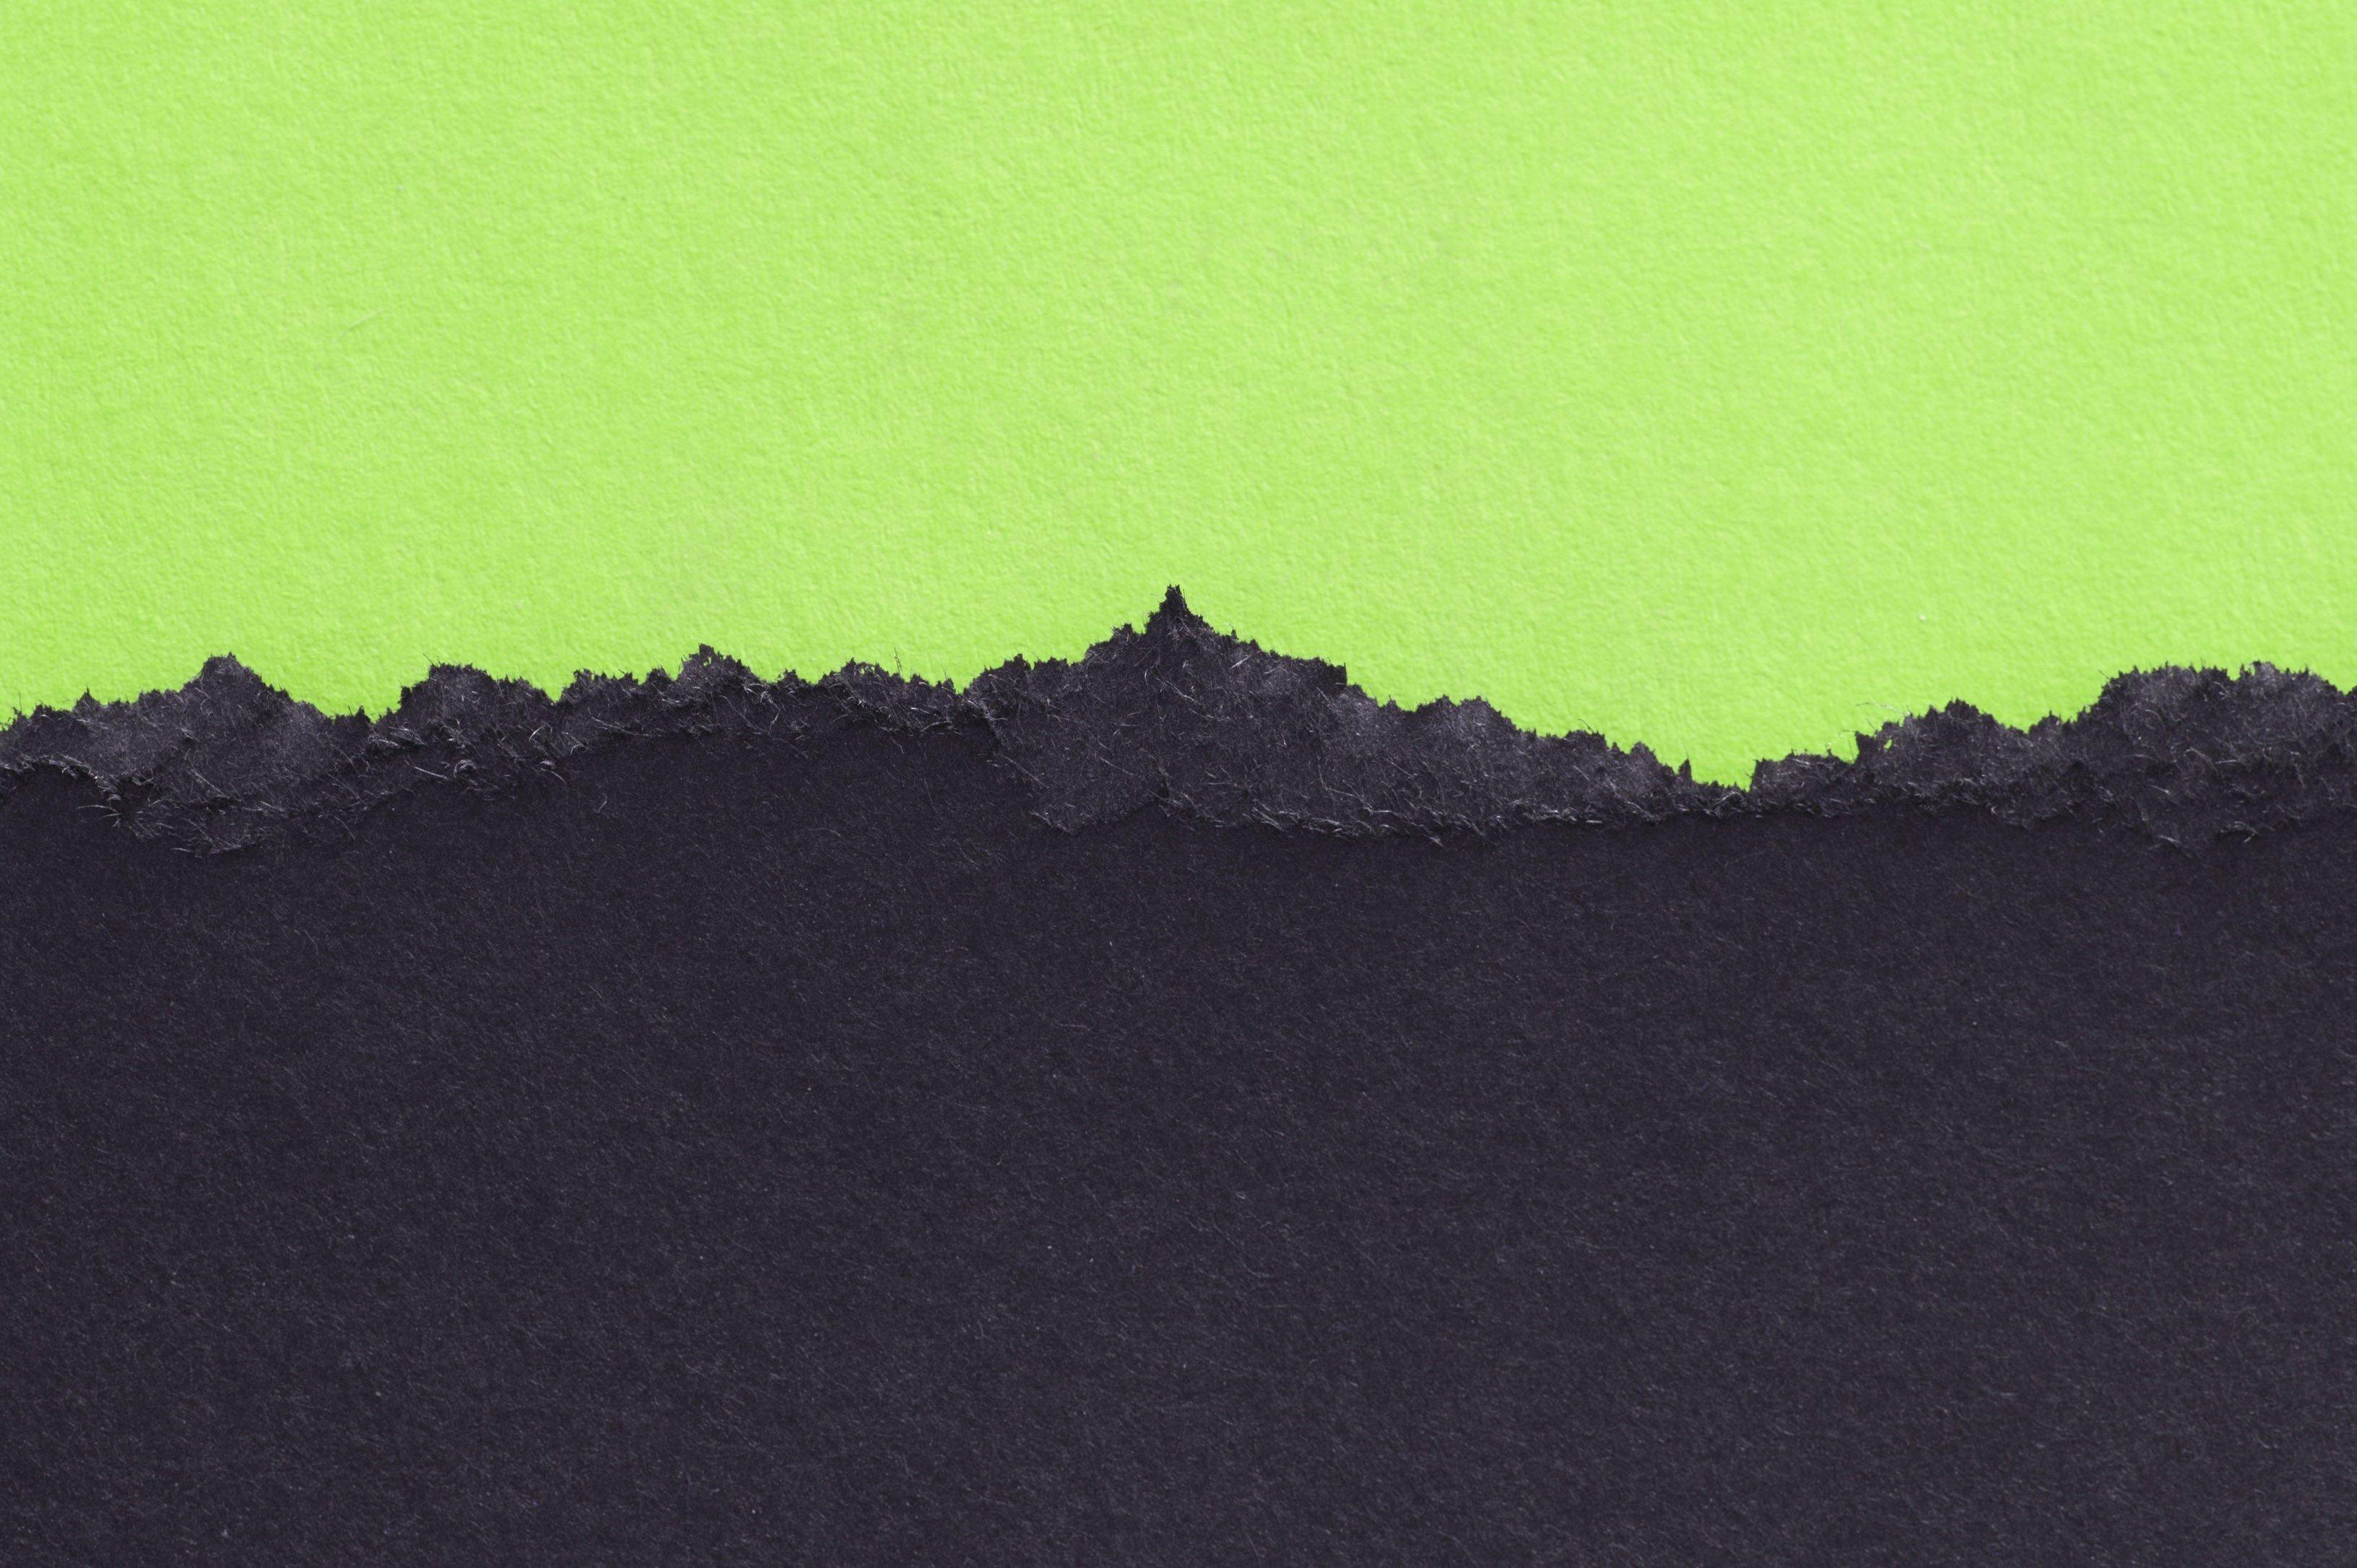 Torn Paper Wallpaper - WallpaperSafari